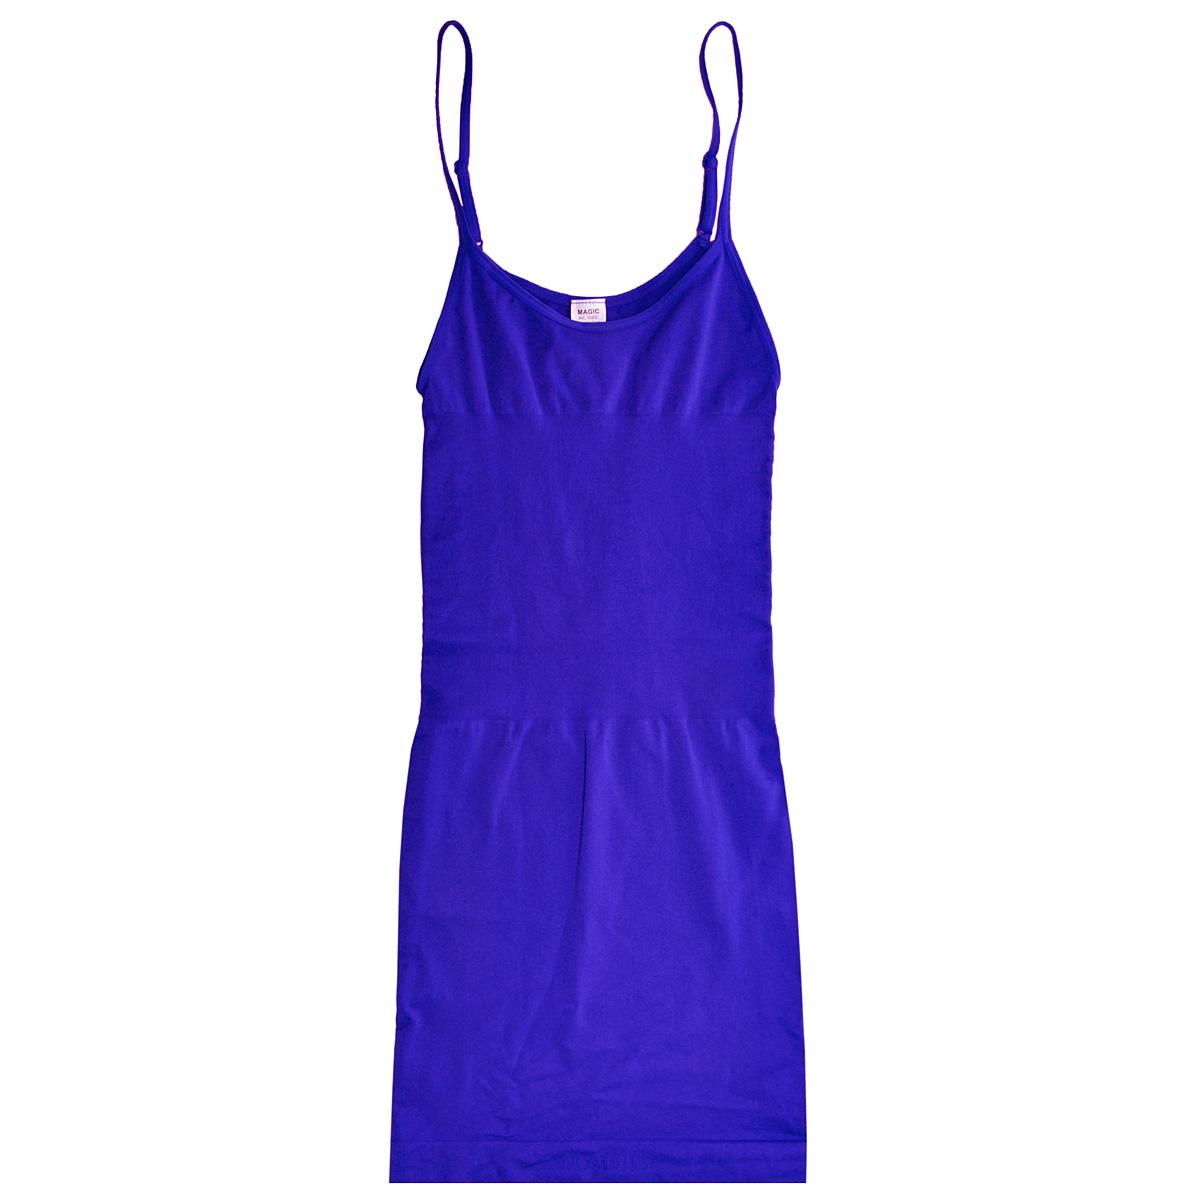 Корректирующее белье15BDБесшовное корректирующее платье Magic BodyFashion Seamless Dress на тонких регулируемых бретелях очень удобное и комфортное в носке. Модель уменьшает живот и бедра, заметно корректирует объемы. Платье придаст вашему телу идеальные формы: сделает грудь и ягодицы подтянутыми, талию - стройной, а осанку - прямой. Функциональный покрой заметно подтягивает и моделирует фигуру, скрывая ее недостатки. Крой платья необычен, благодаря чему его невозможно заметить под любой одеждой, оно практически не ощущается на коже, позволяет чувствовать себя комфортно и легко. Изделие позволяет приобрести выразительные линии своего тела за считанные секунды (можно скрыть все лишнее и придать объем там, где необходимо). Белье Magic BodyFashion создано для тех, кто стремится к безупречности своего стиля. Именно благодаря ему огромное количество женщин чувствуют себя поистине соблазнительными, привлекательными и не на шутку уверенными в себе.